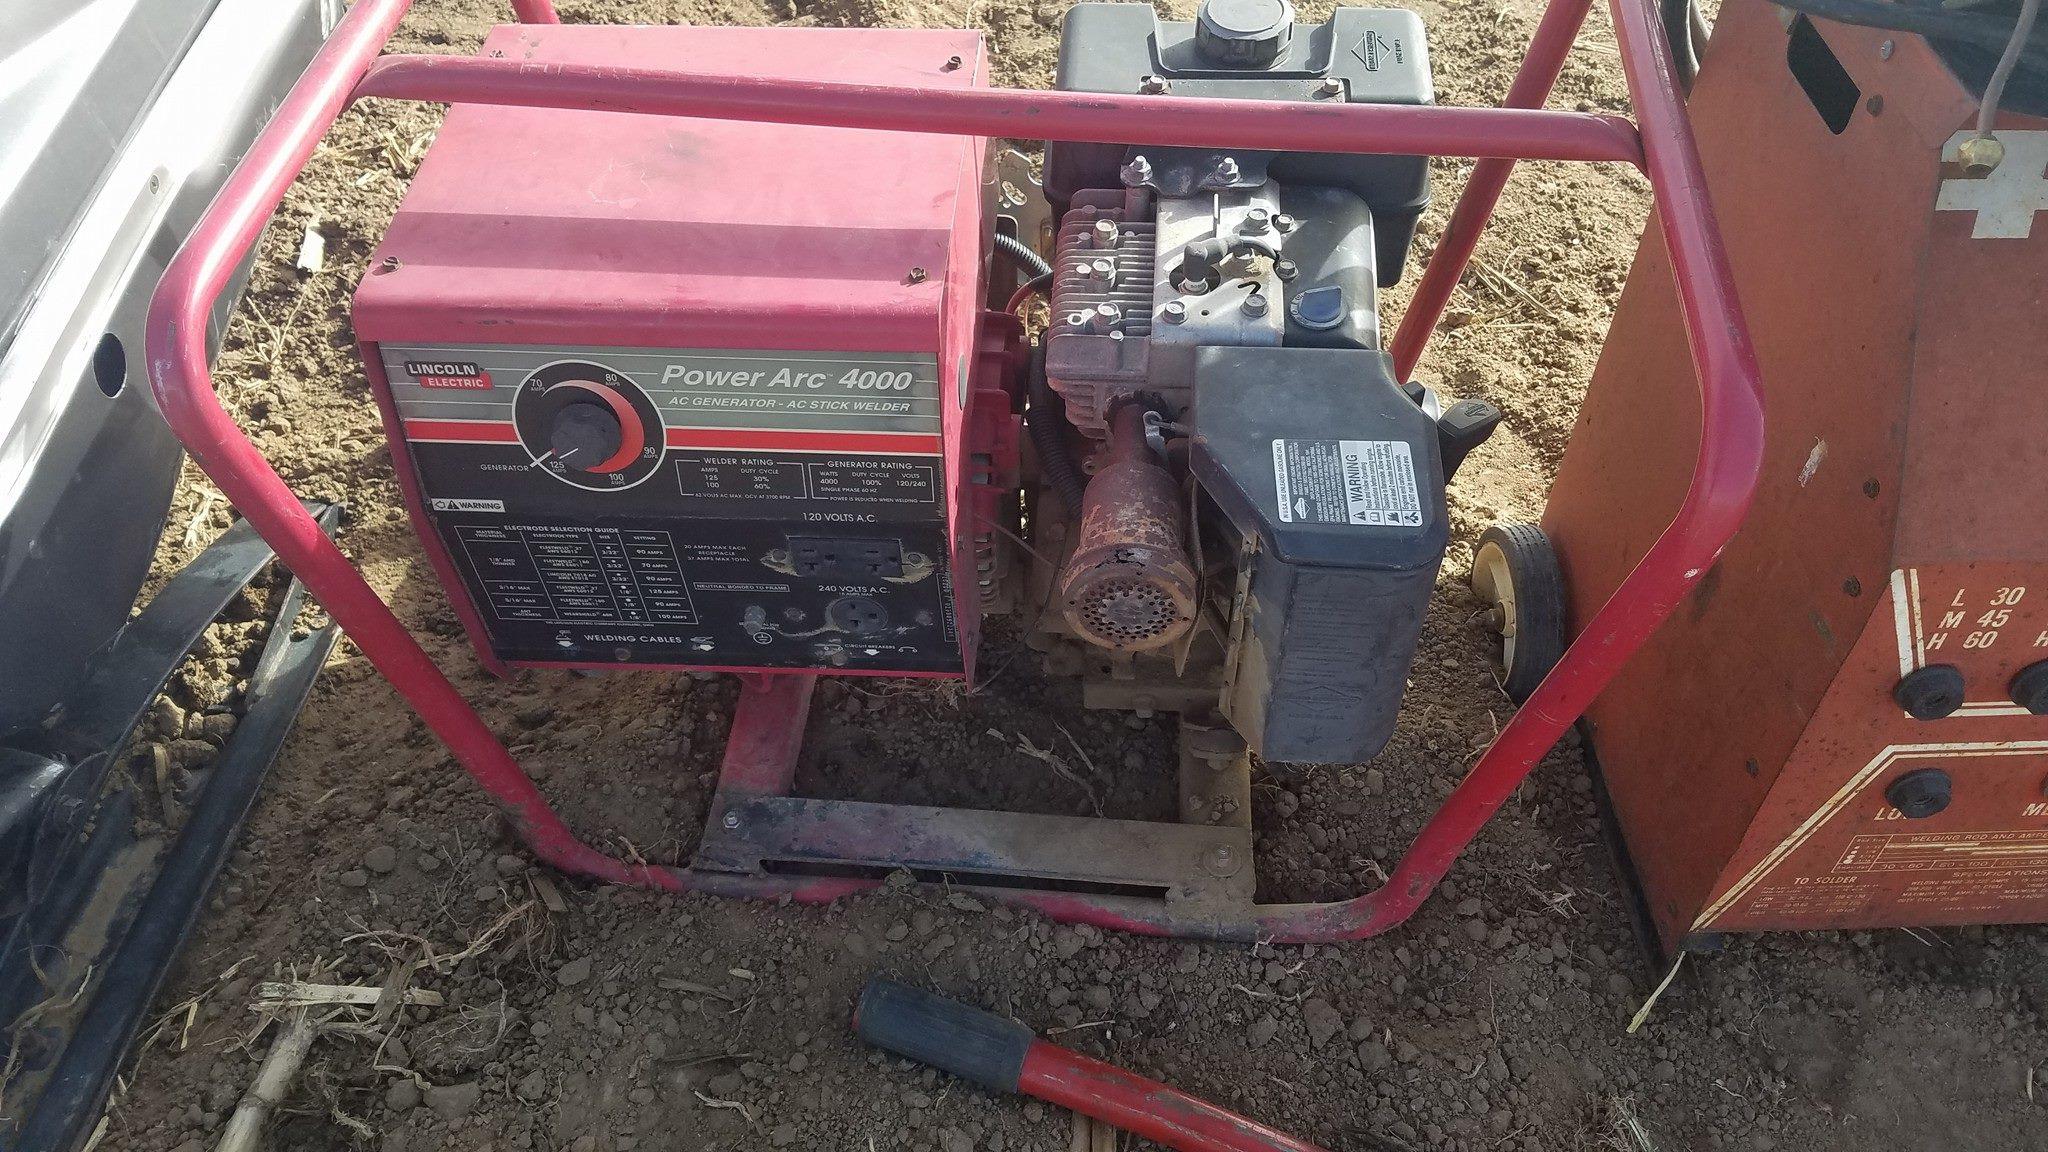 Lincoln Welder/Generator